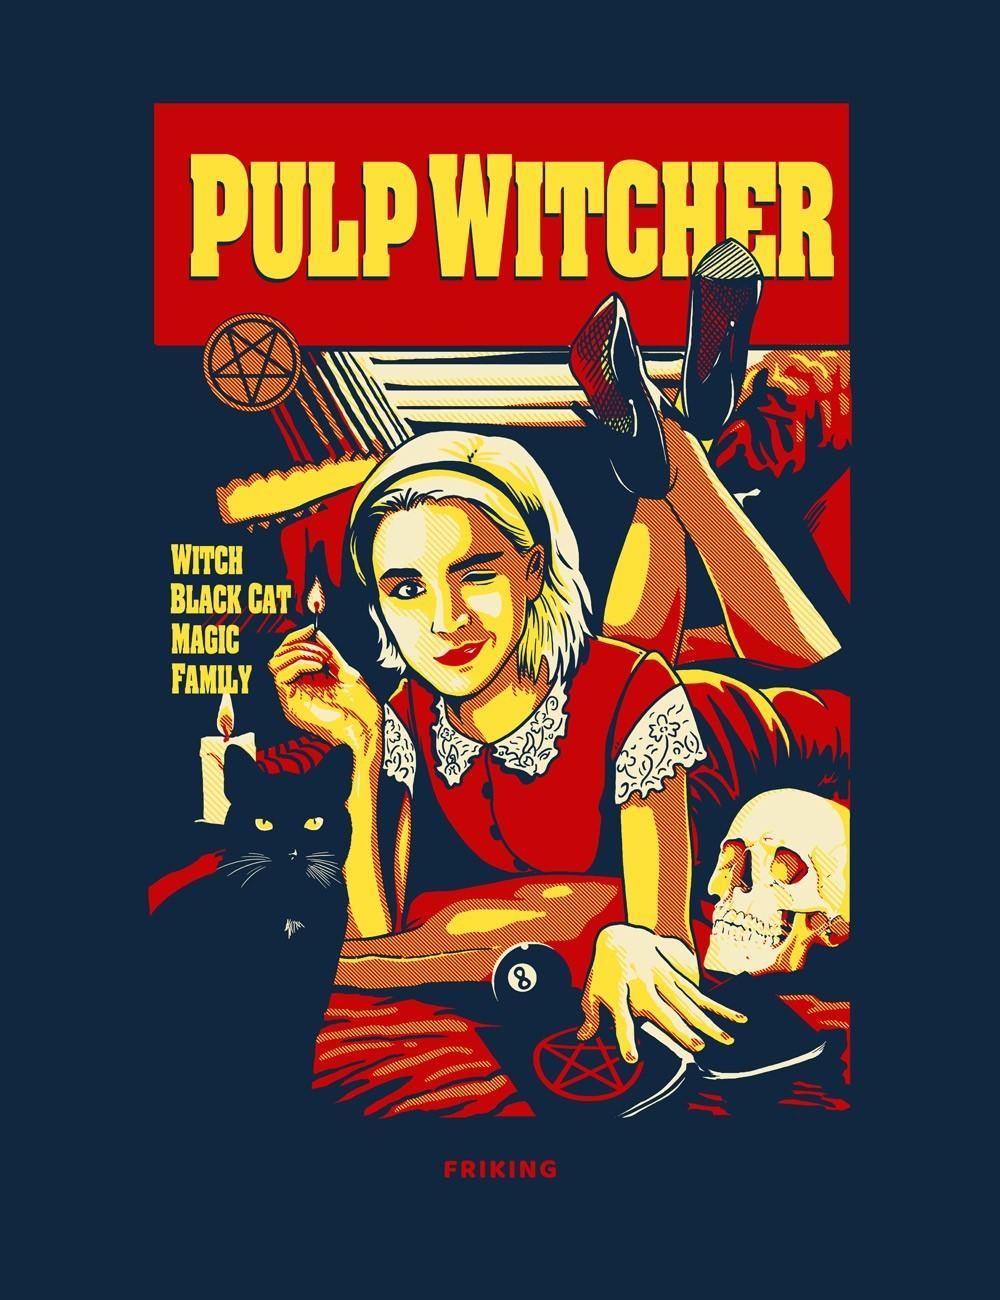 Pulp Witcher